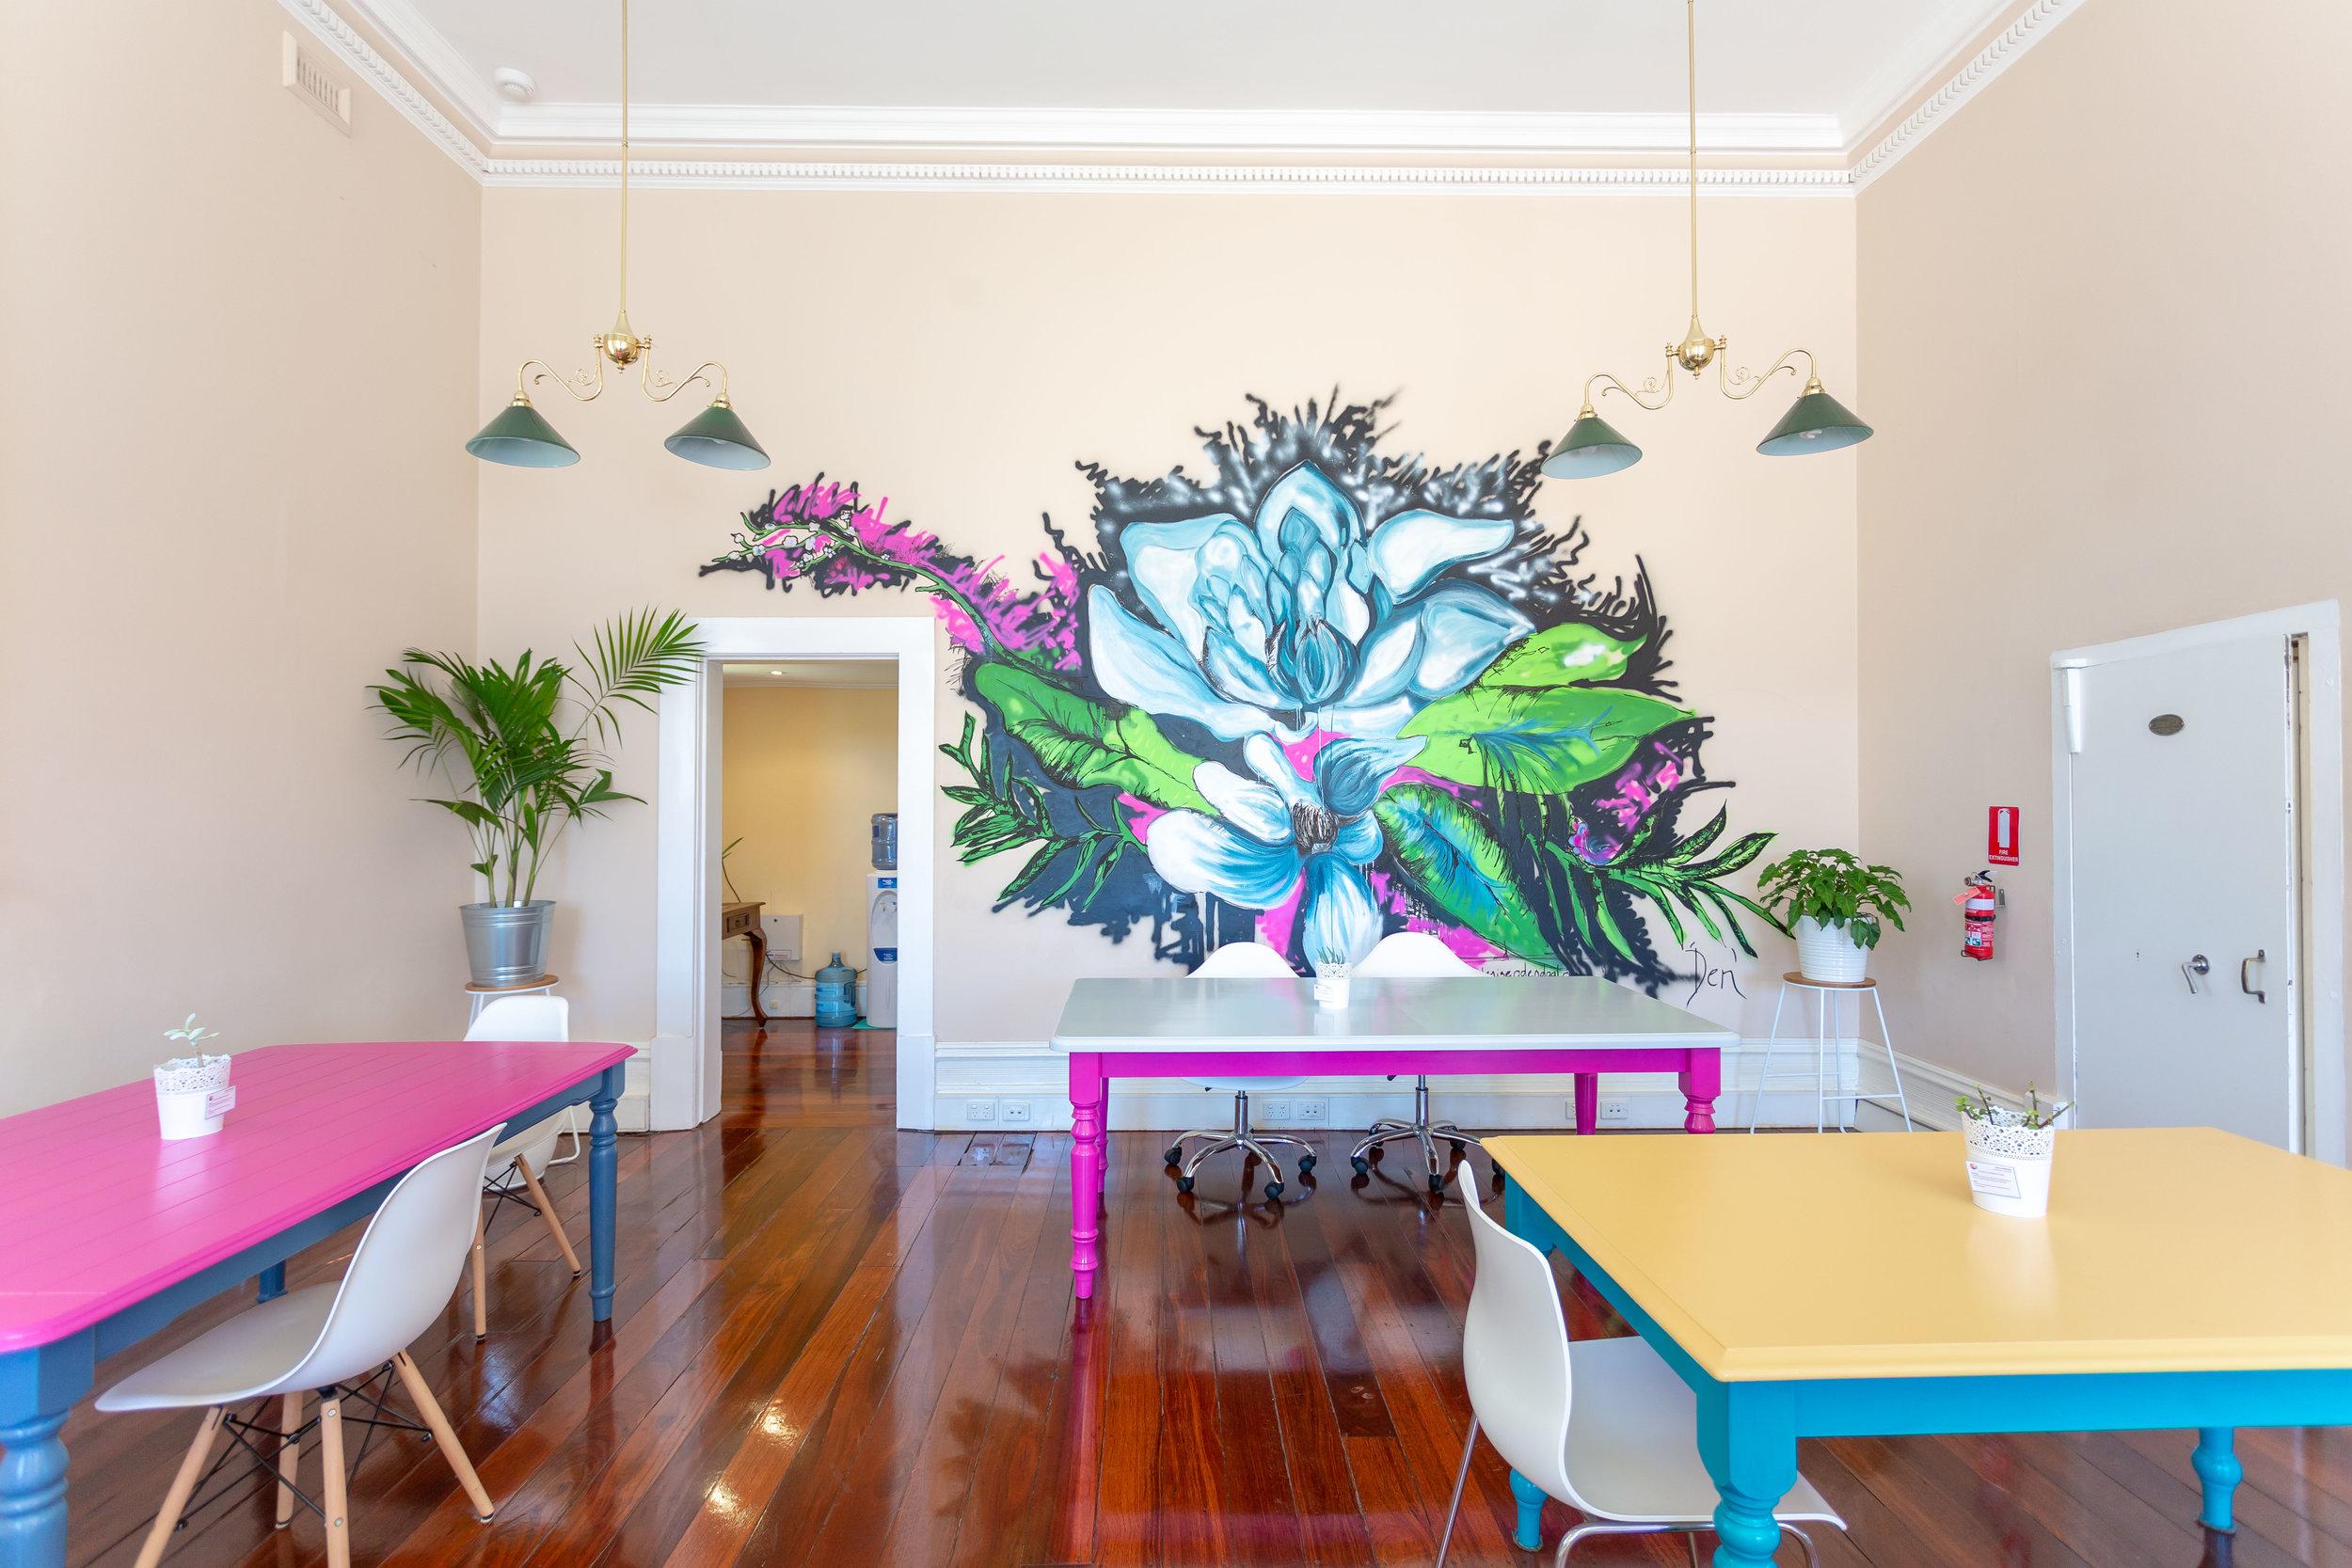 Stunning mural by Den